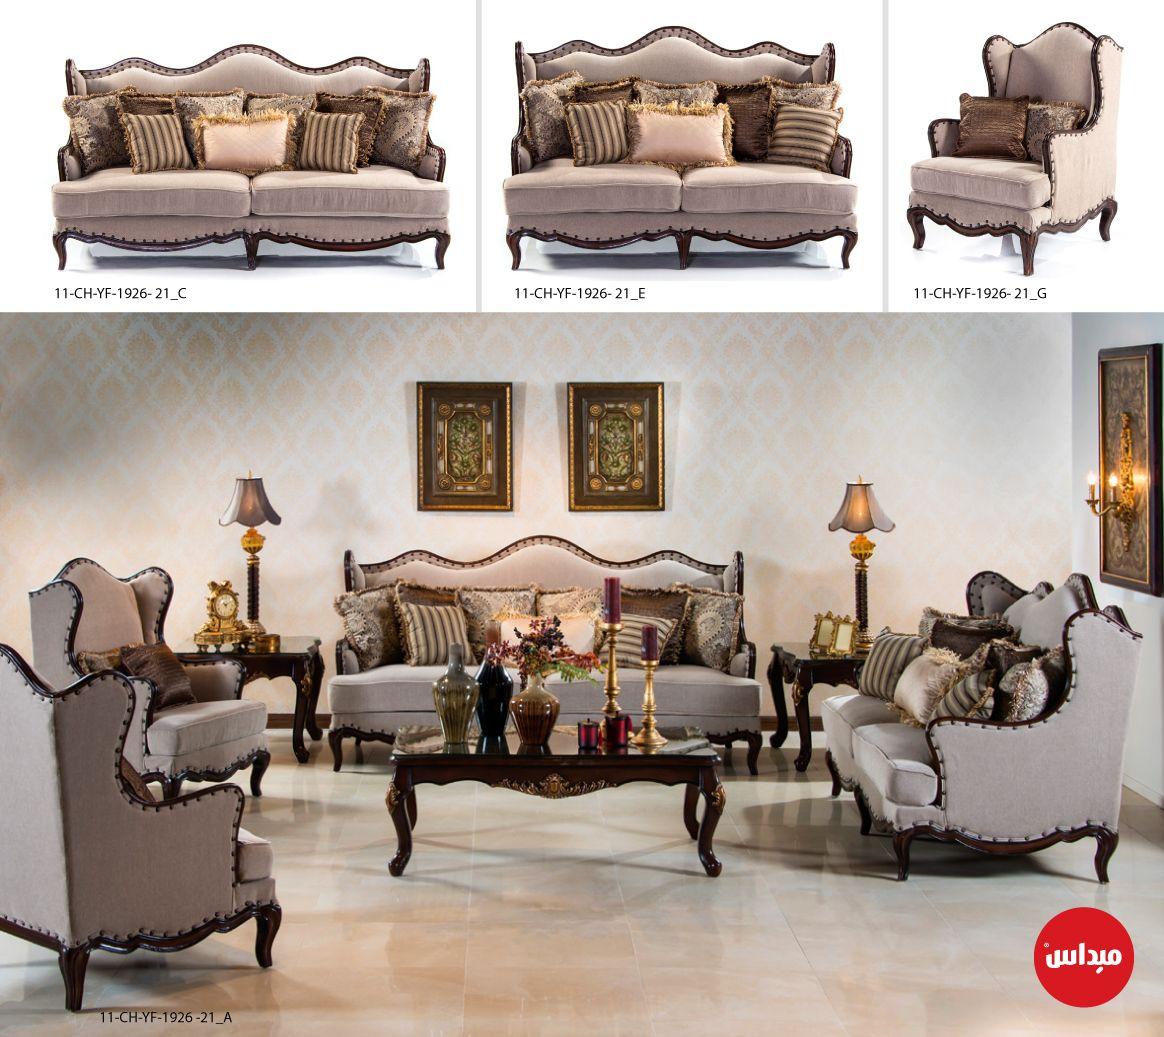 رت بي أثاثك بشكل يكون منتصف الغرفة هو محور التمركز وليس الجدران ميداس معلومة فخامة أثاث الس Furniture Timeless Classic Home Accessories